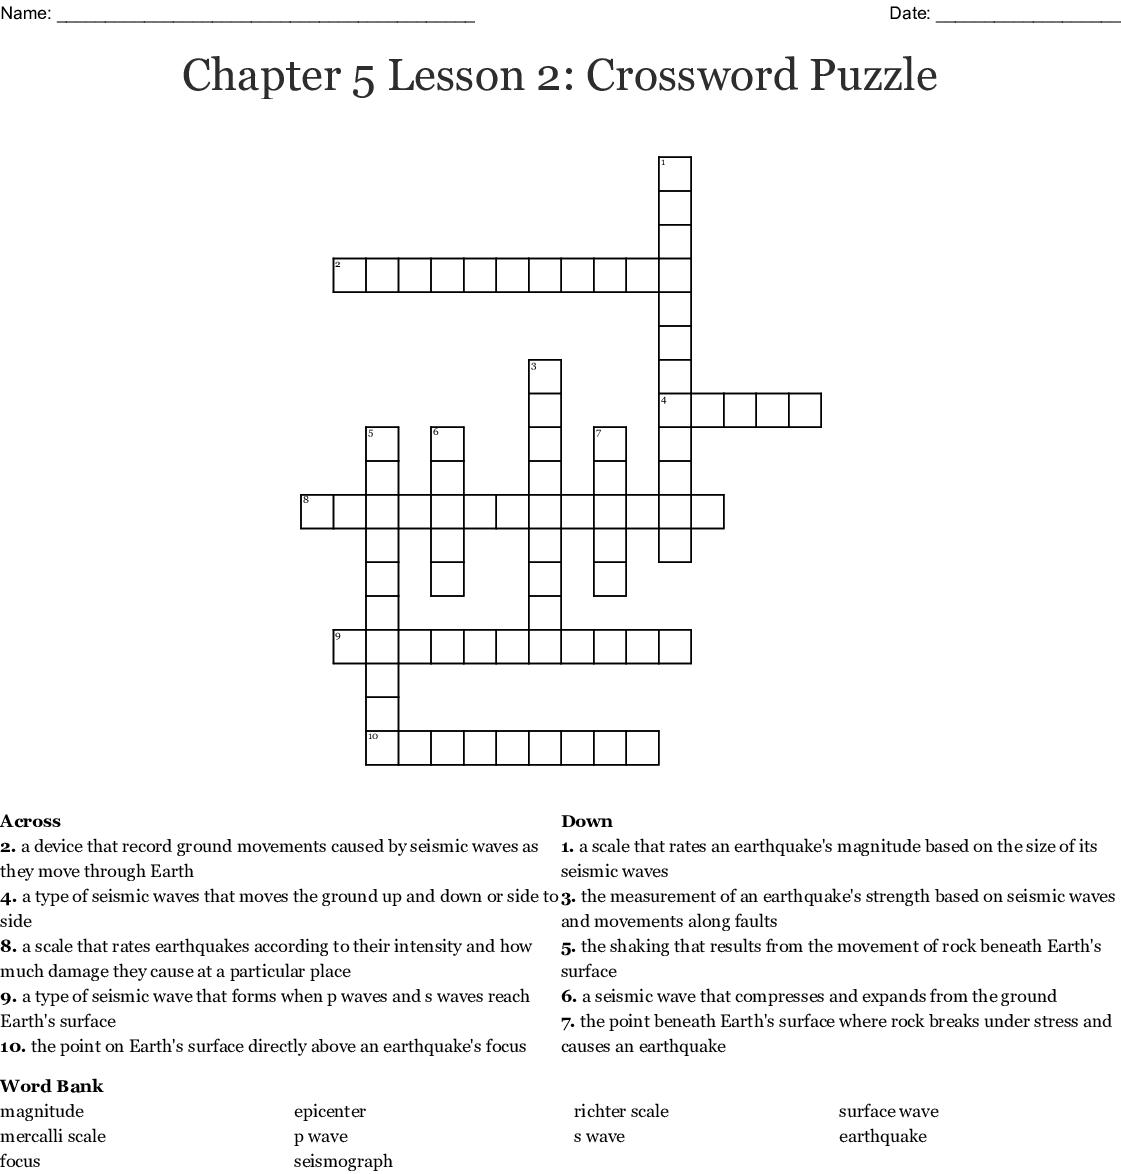 Chapter 5 Lesson 2 Crossword Puzzle Wordmint